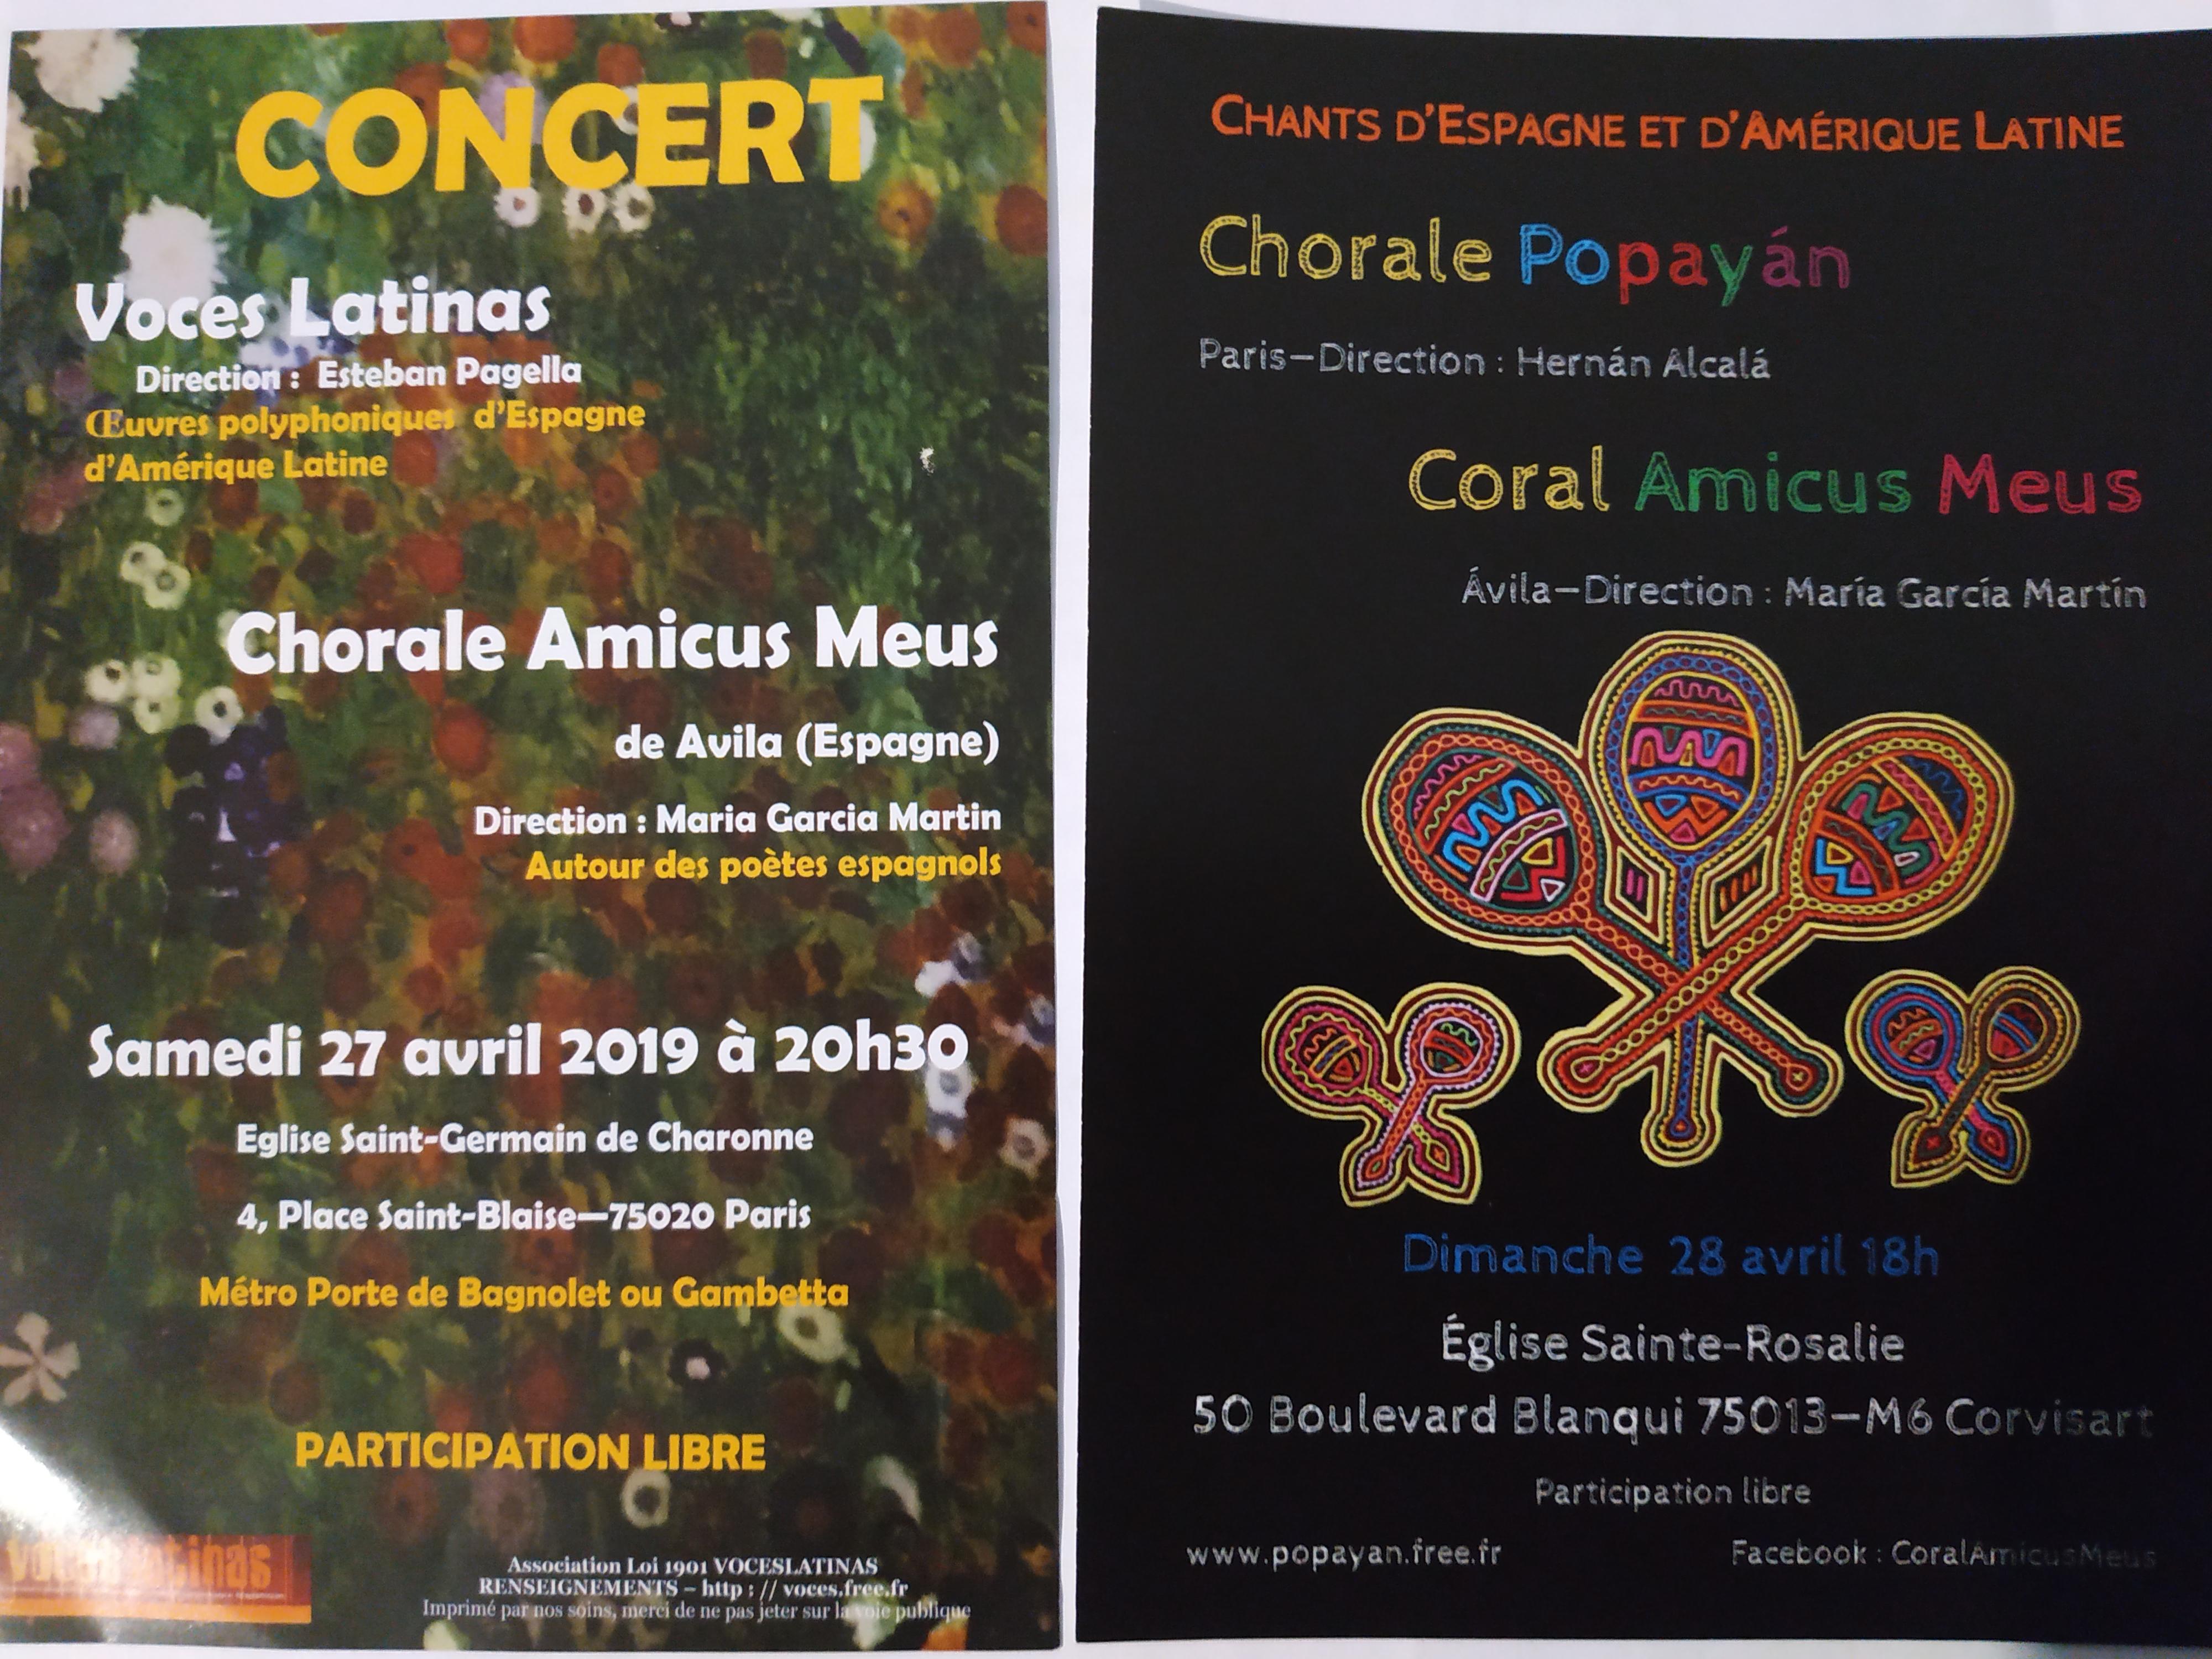 Conciertos en París